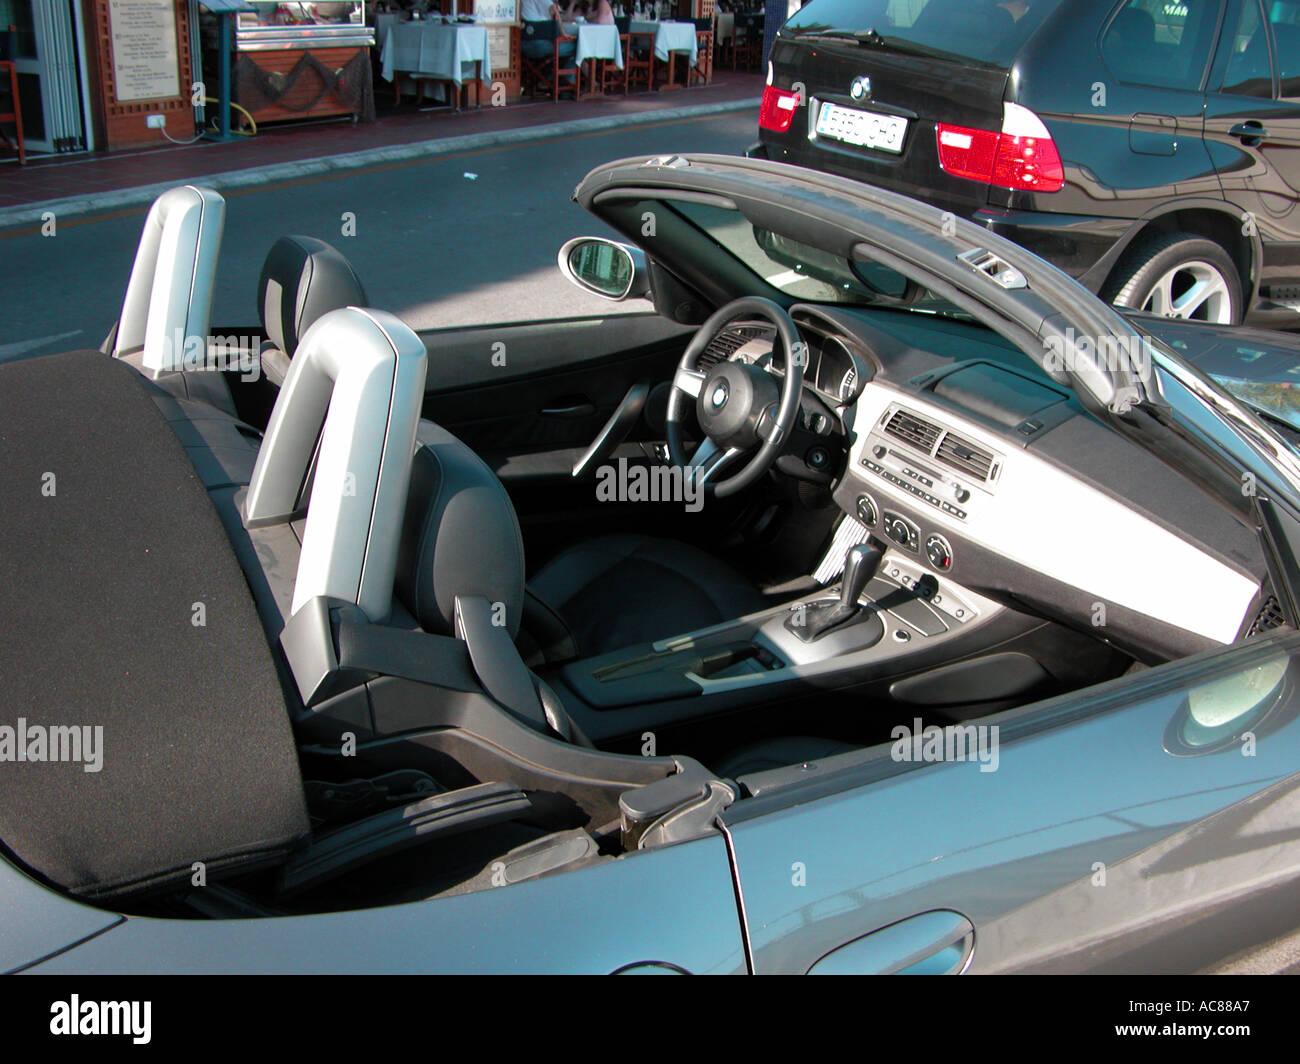 BMW Soft Top Convertible at Puerto Banus Málaga Province Spain - Stock Image